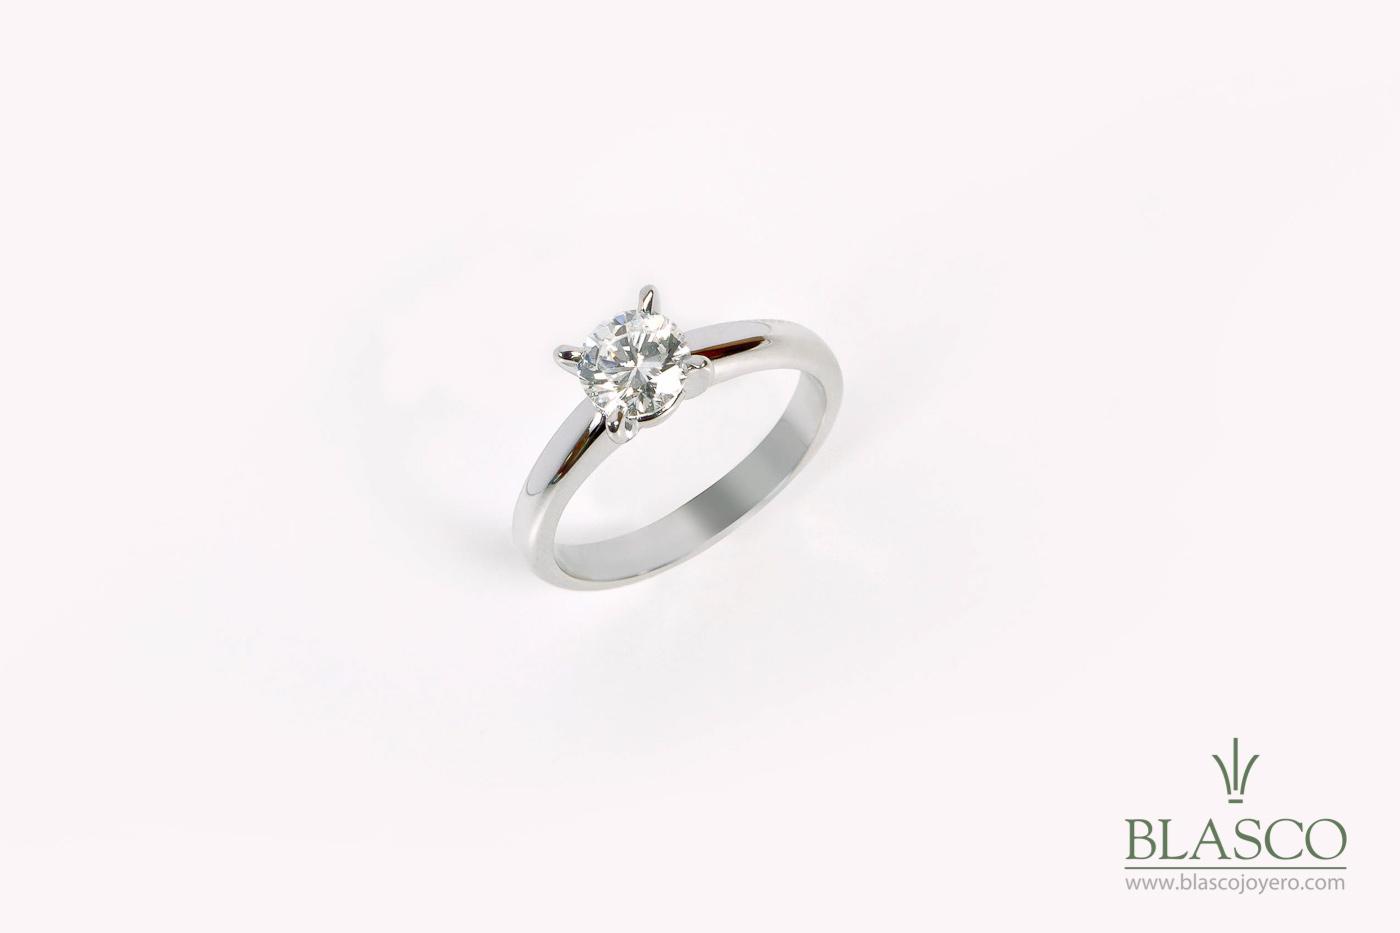 39eae8404905 Solitario oro blanco 18k y diamante talla brillante de 1